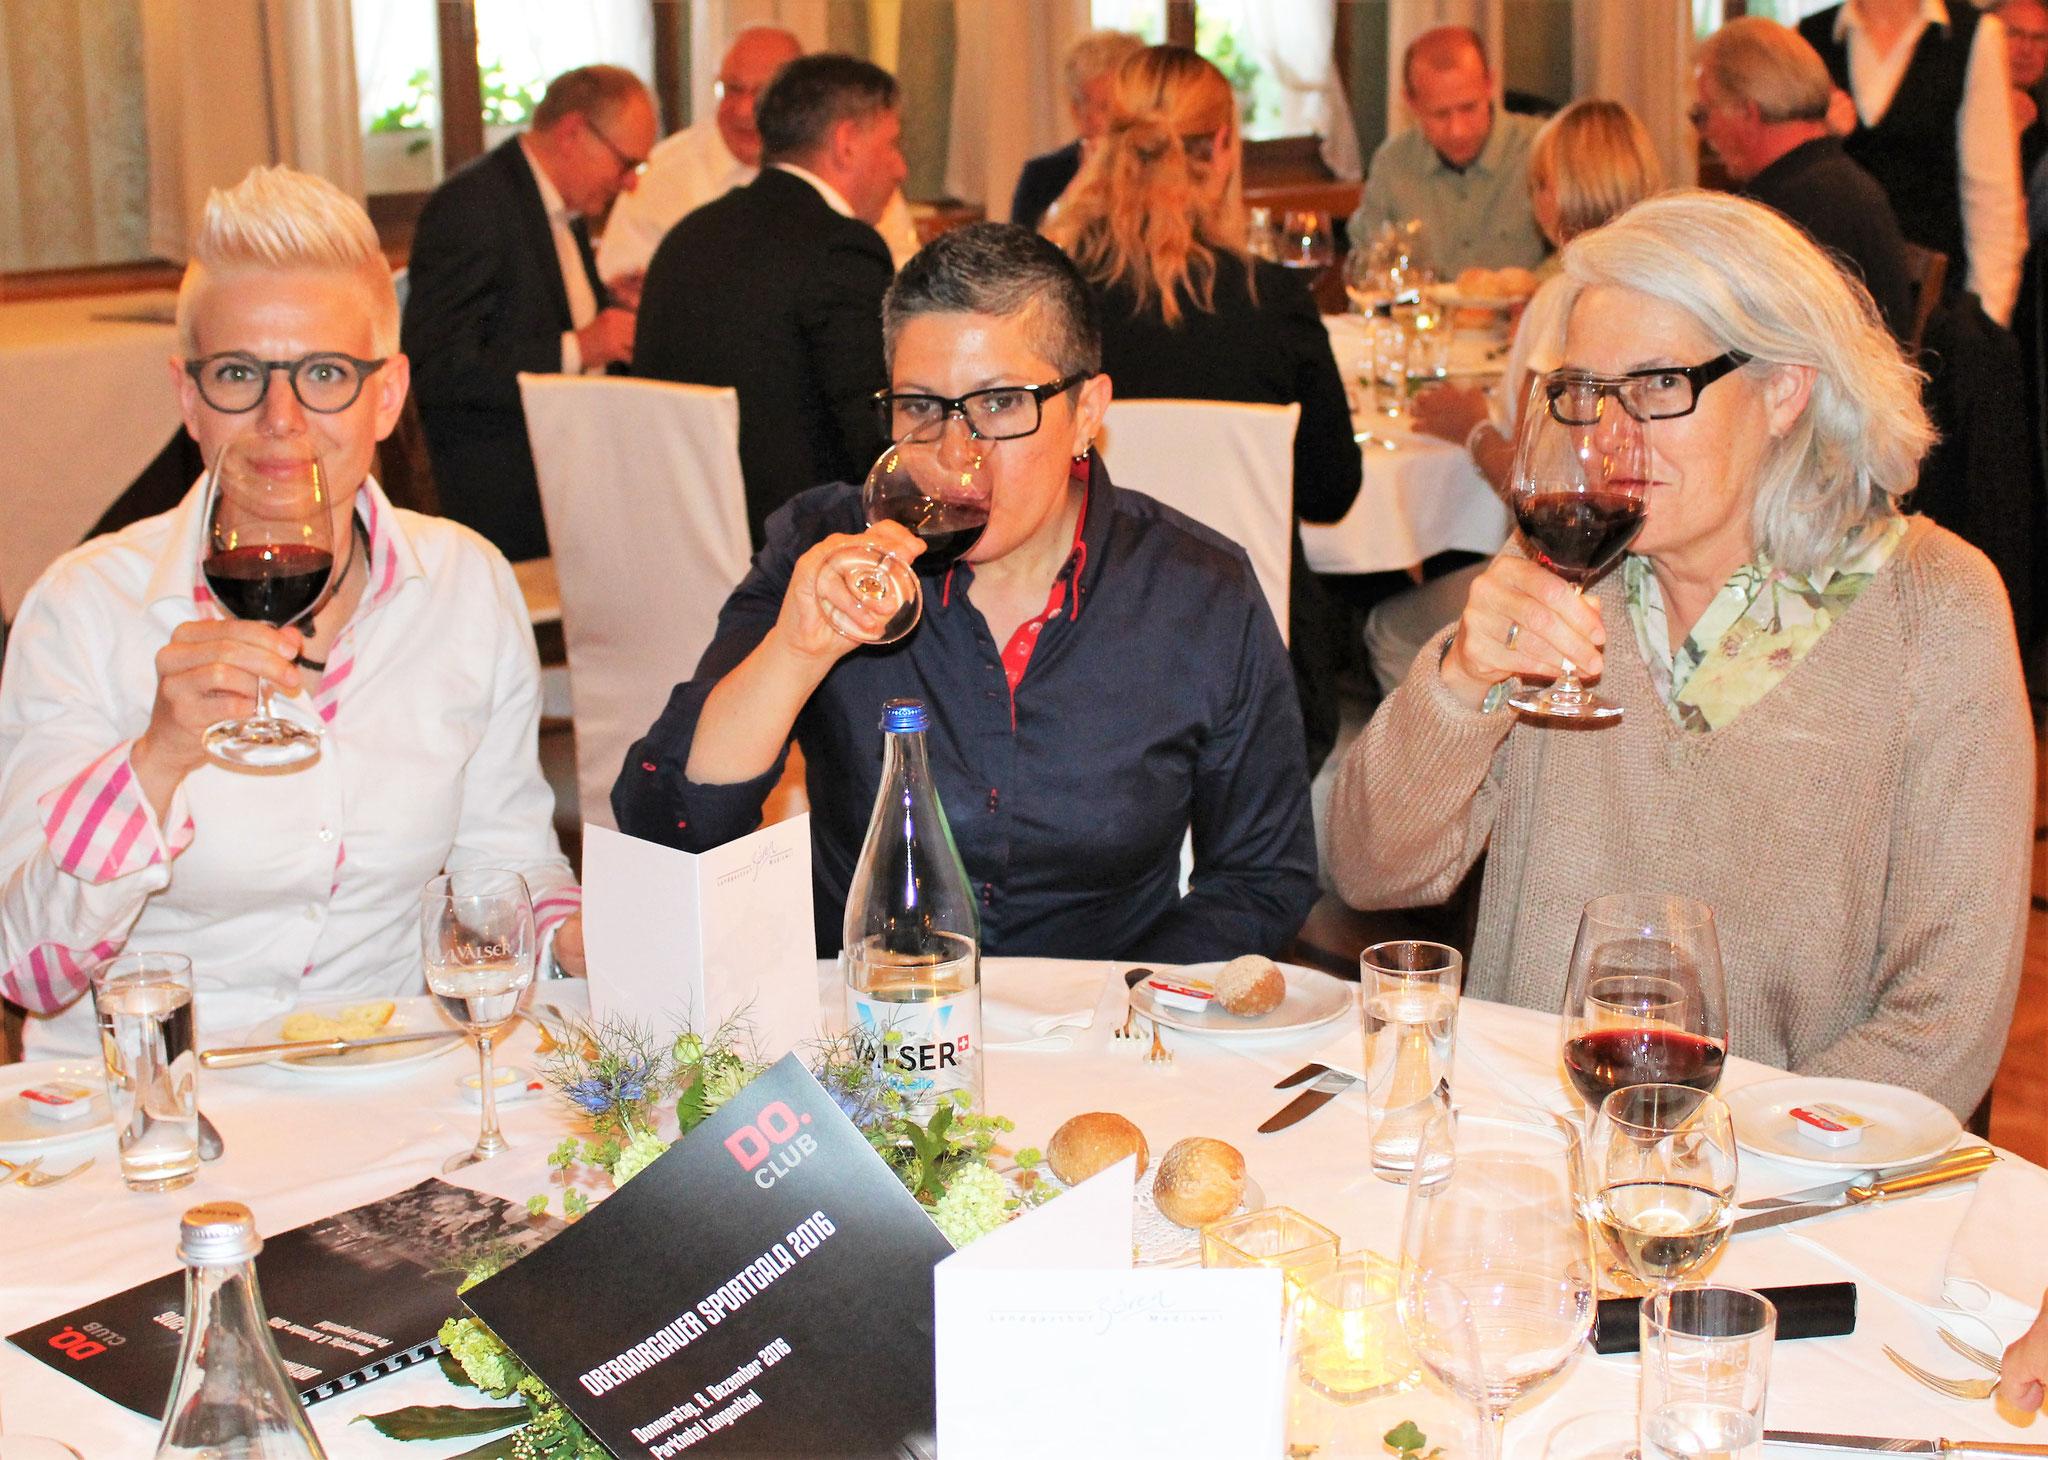 """""""Hoch lebe der Donnerstag Club Oberaargau"""". Was liegt näher, als mit einem feinen Wein auf diesen anzustossen?"""